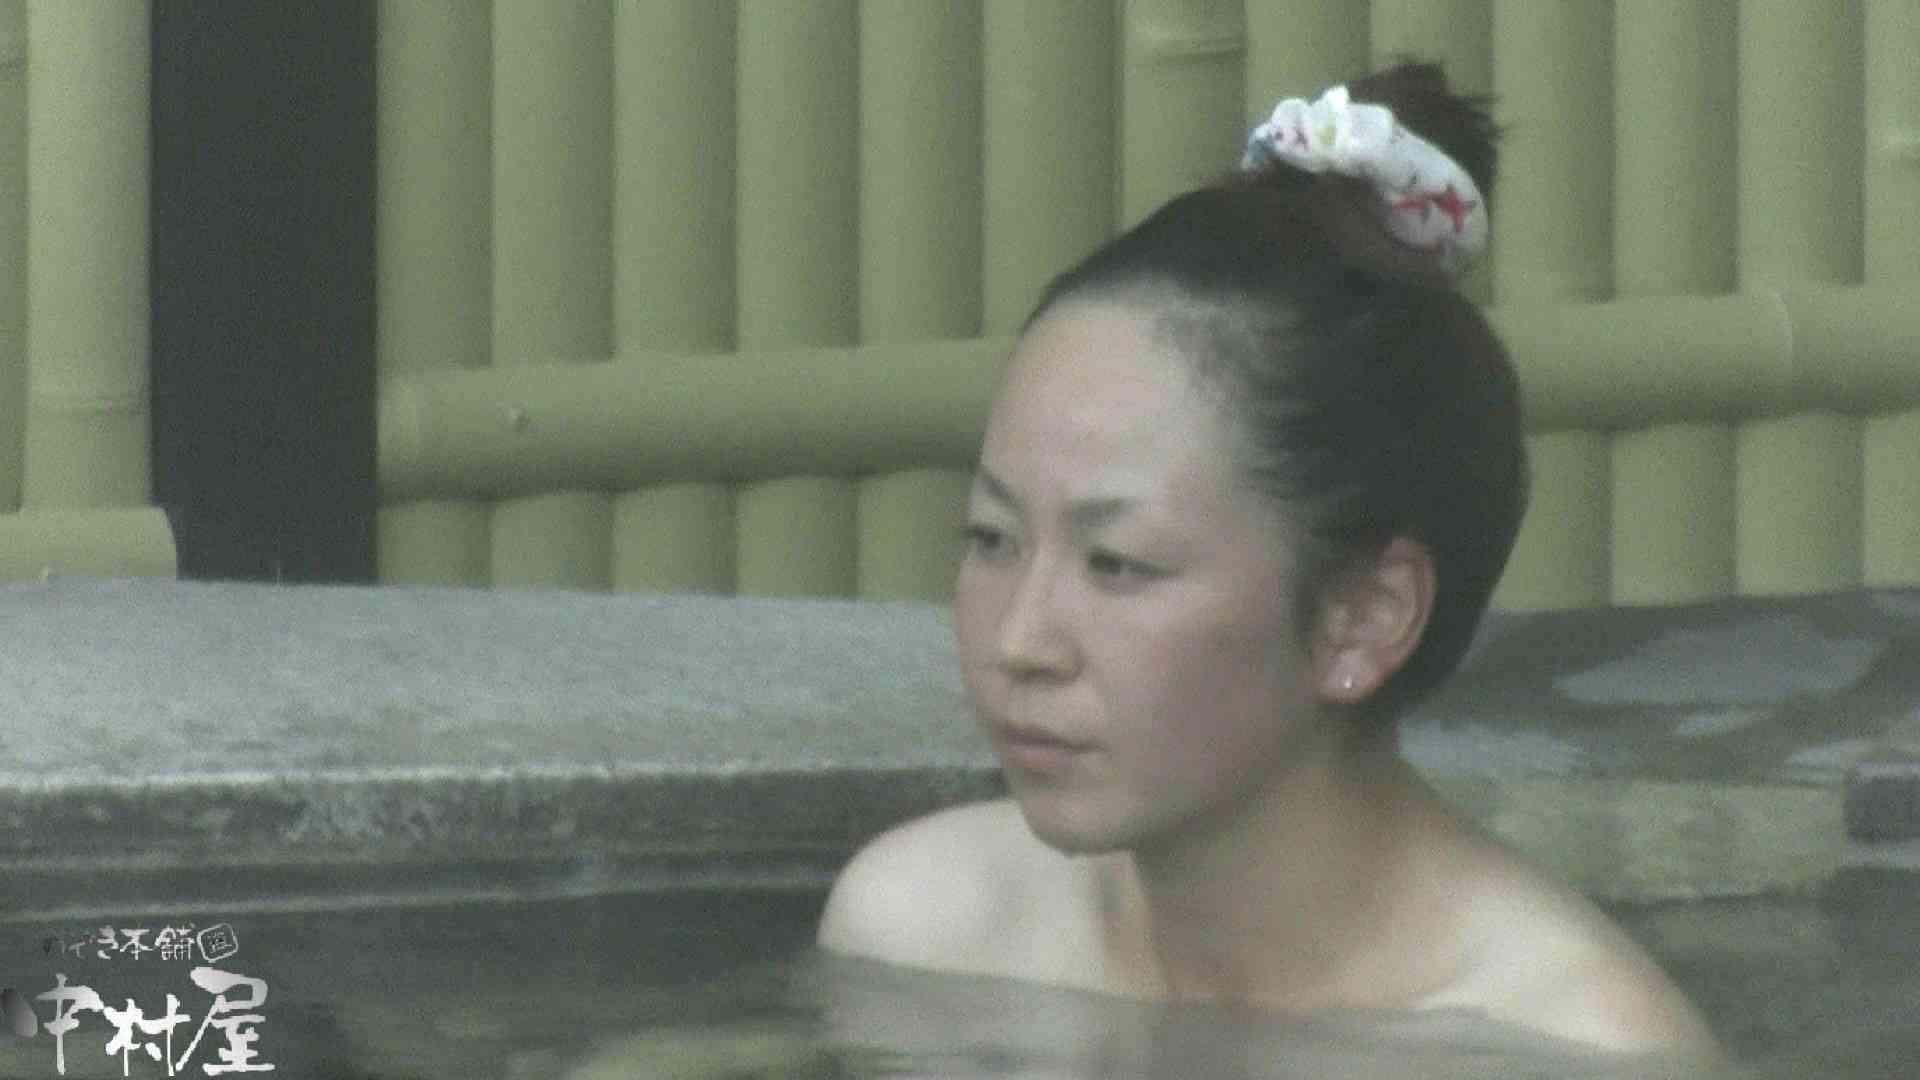 Aquaな露天風呂Vol.911 露天 | 盗撮  107画像 79